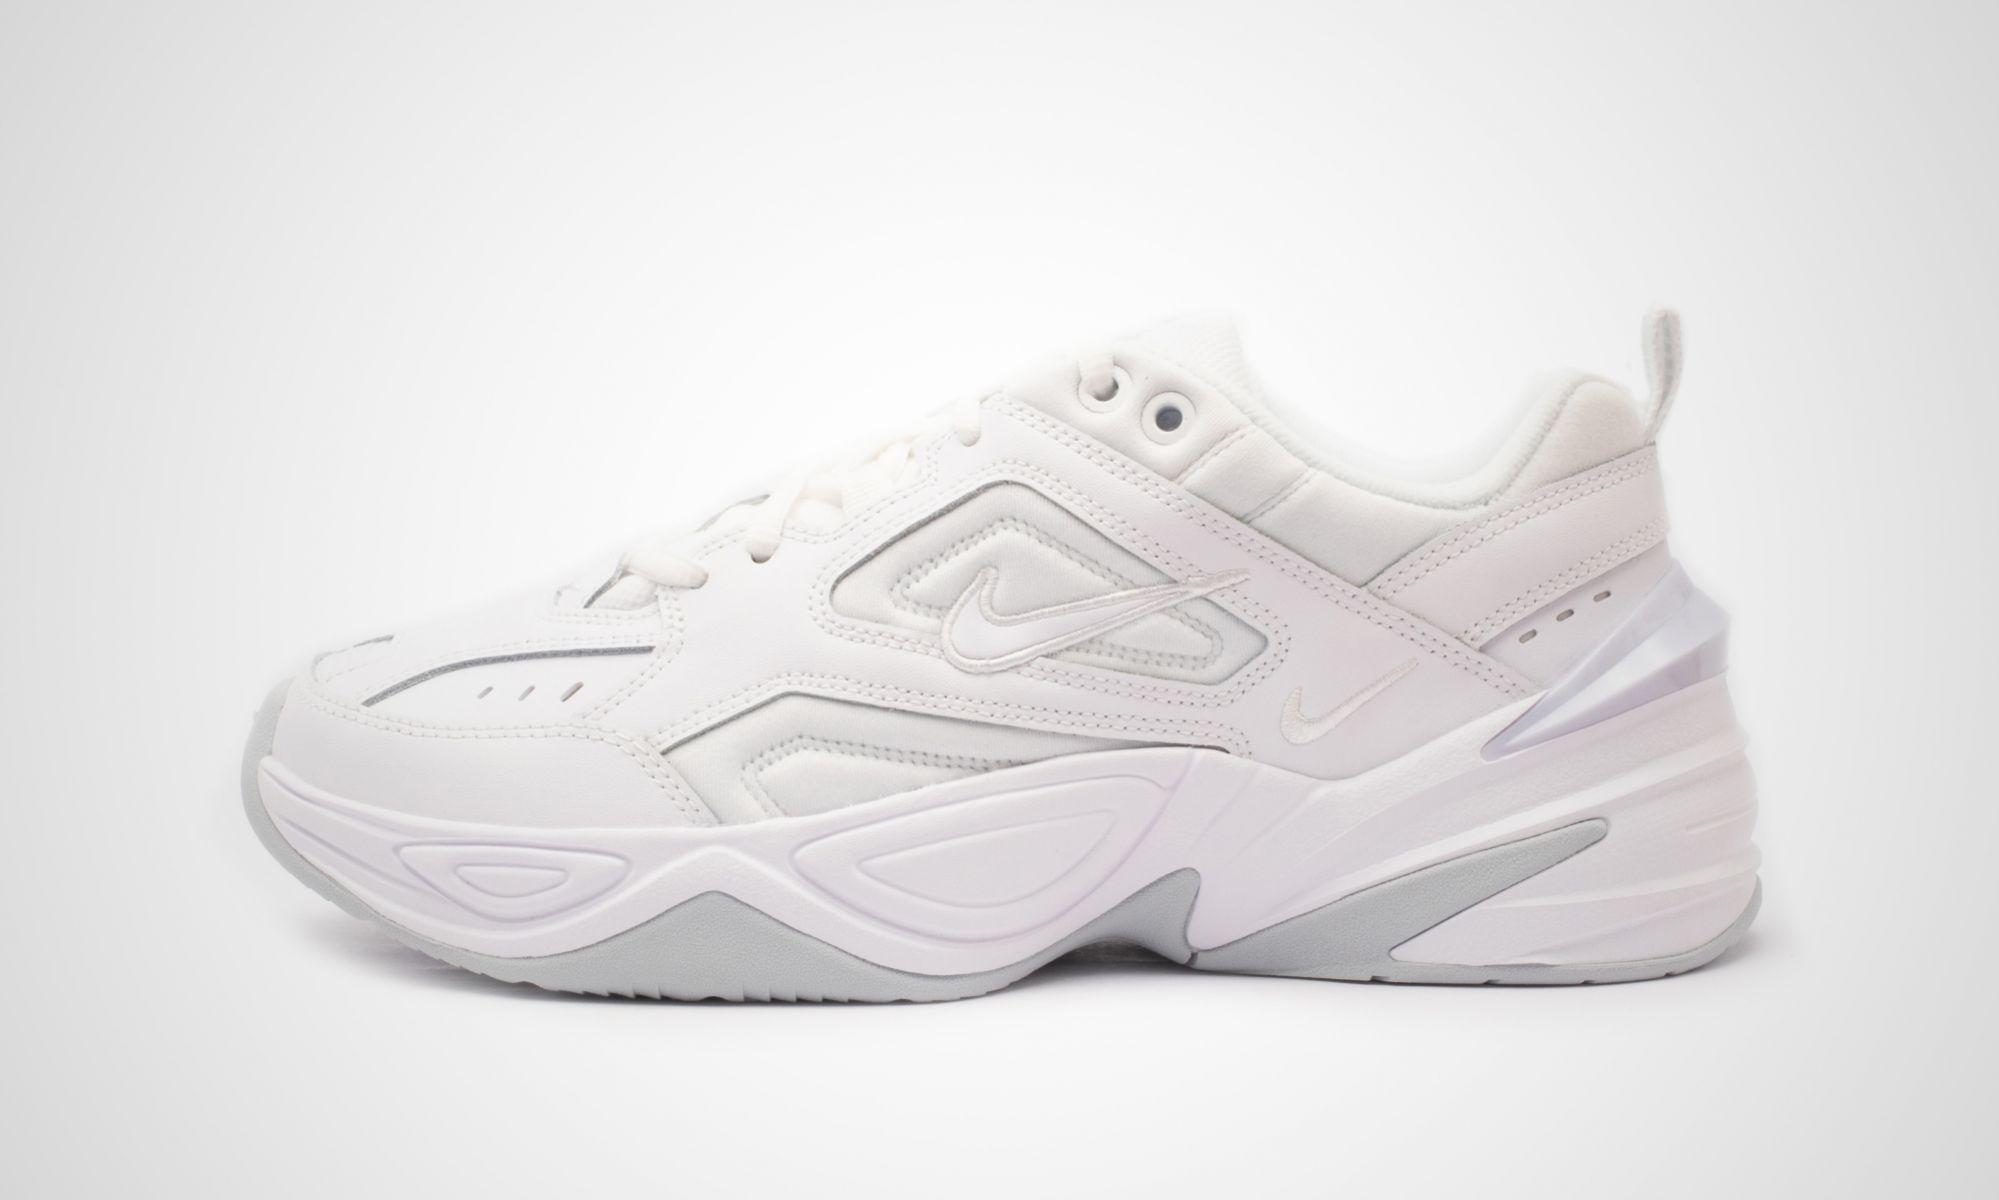 Nike WMNS M2K Tekno Pure Platinum